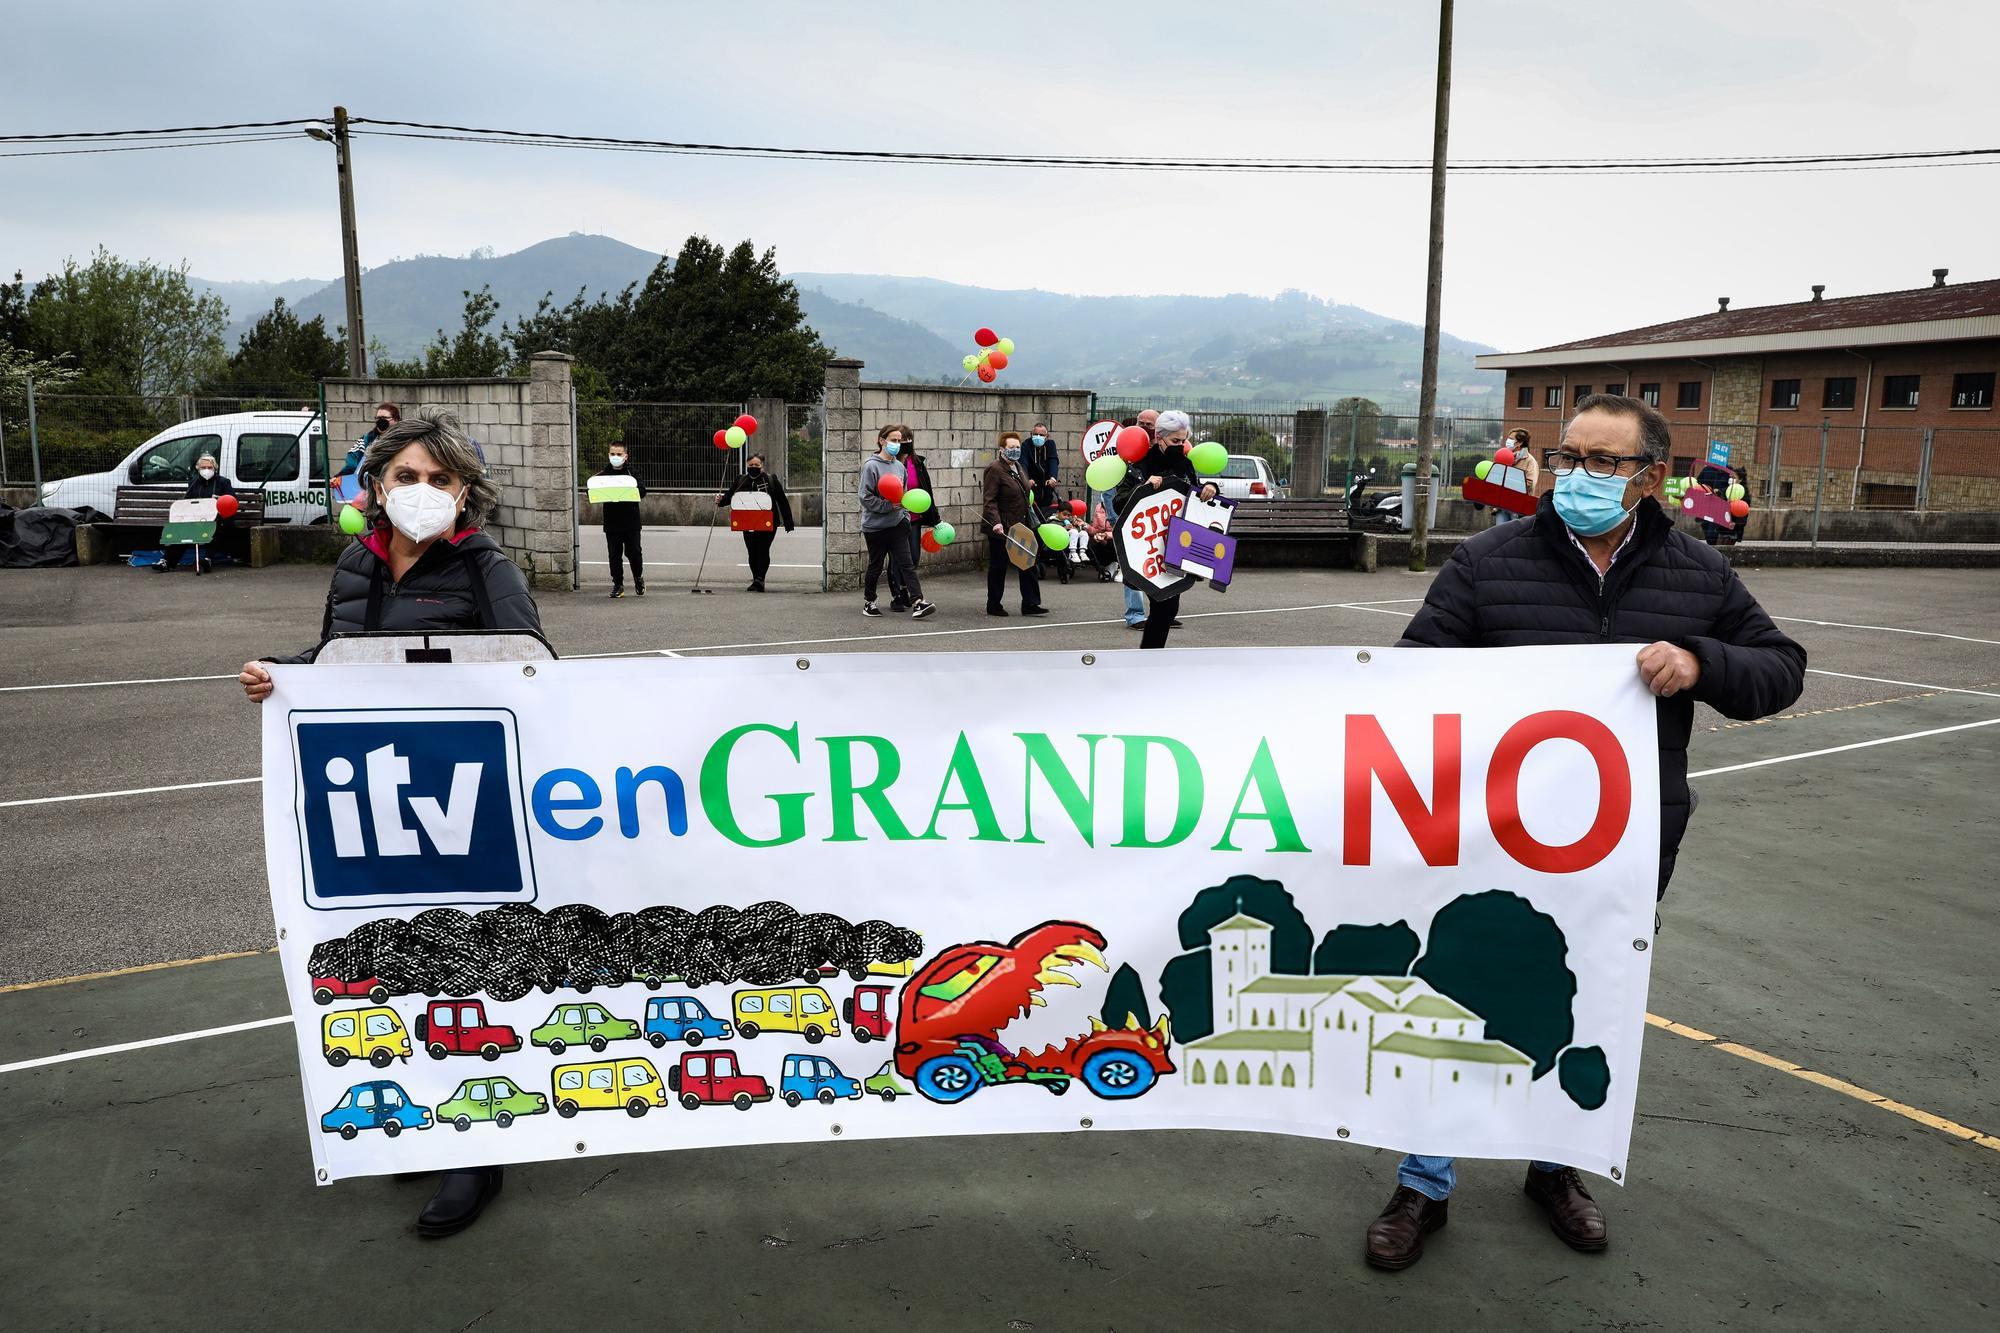 Nueva concentración en Granda contra la ITV